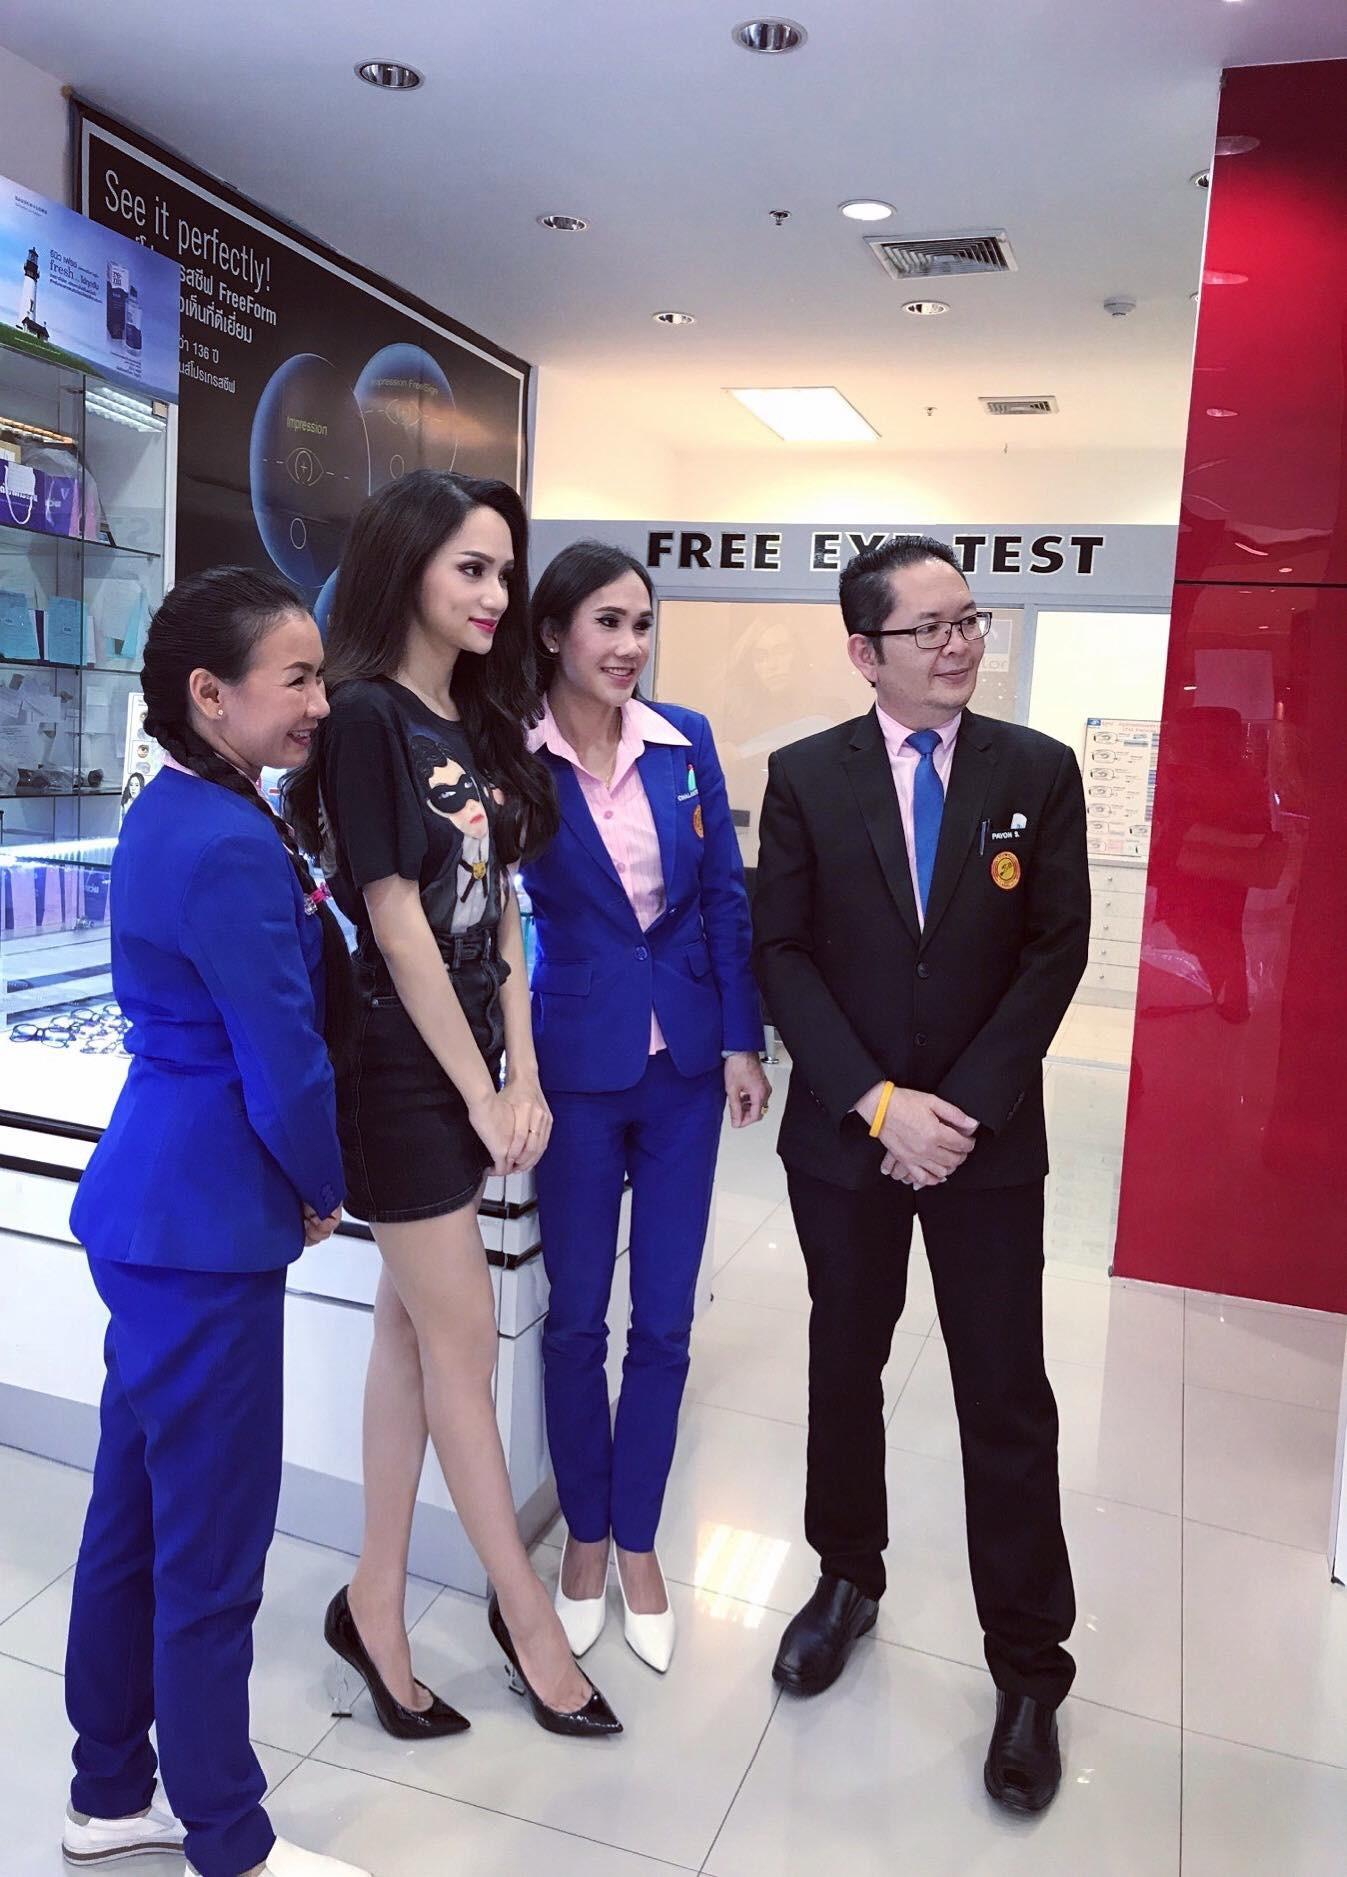 Giản dị đi shopping bằng phương tiện công cộng, Hương Giang được người hâm mộ quốc tế săn đón sau đăng quang - Ảnh 6.